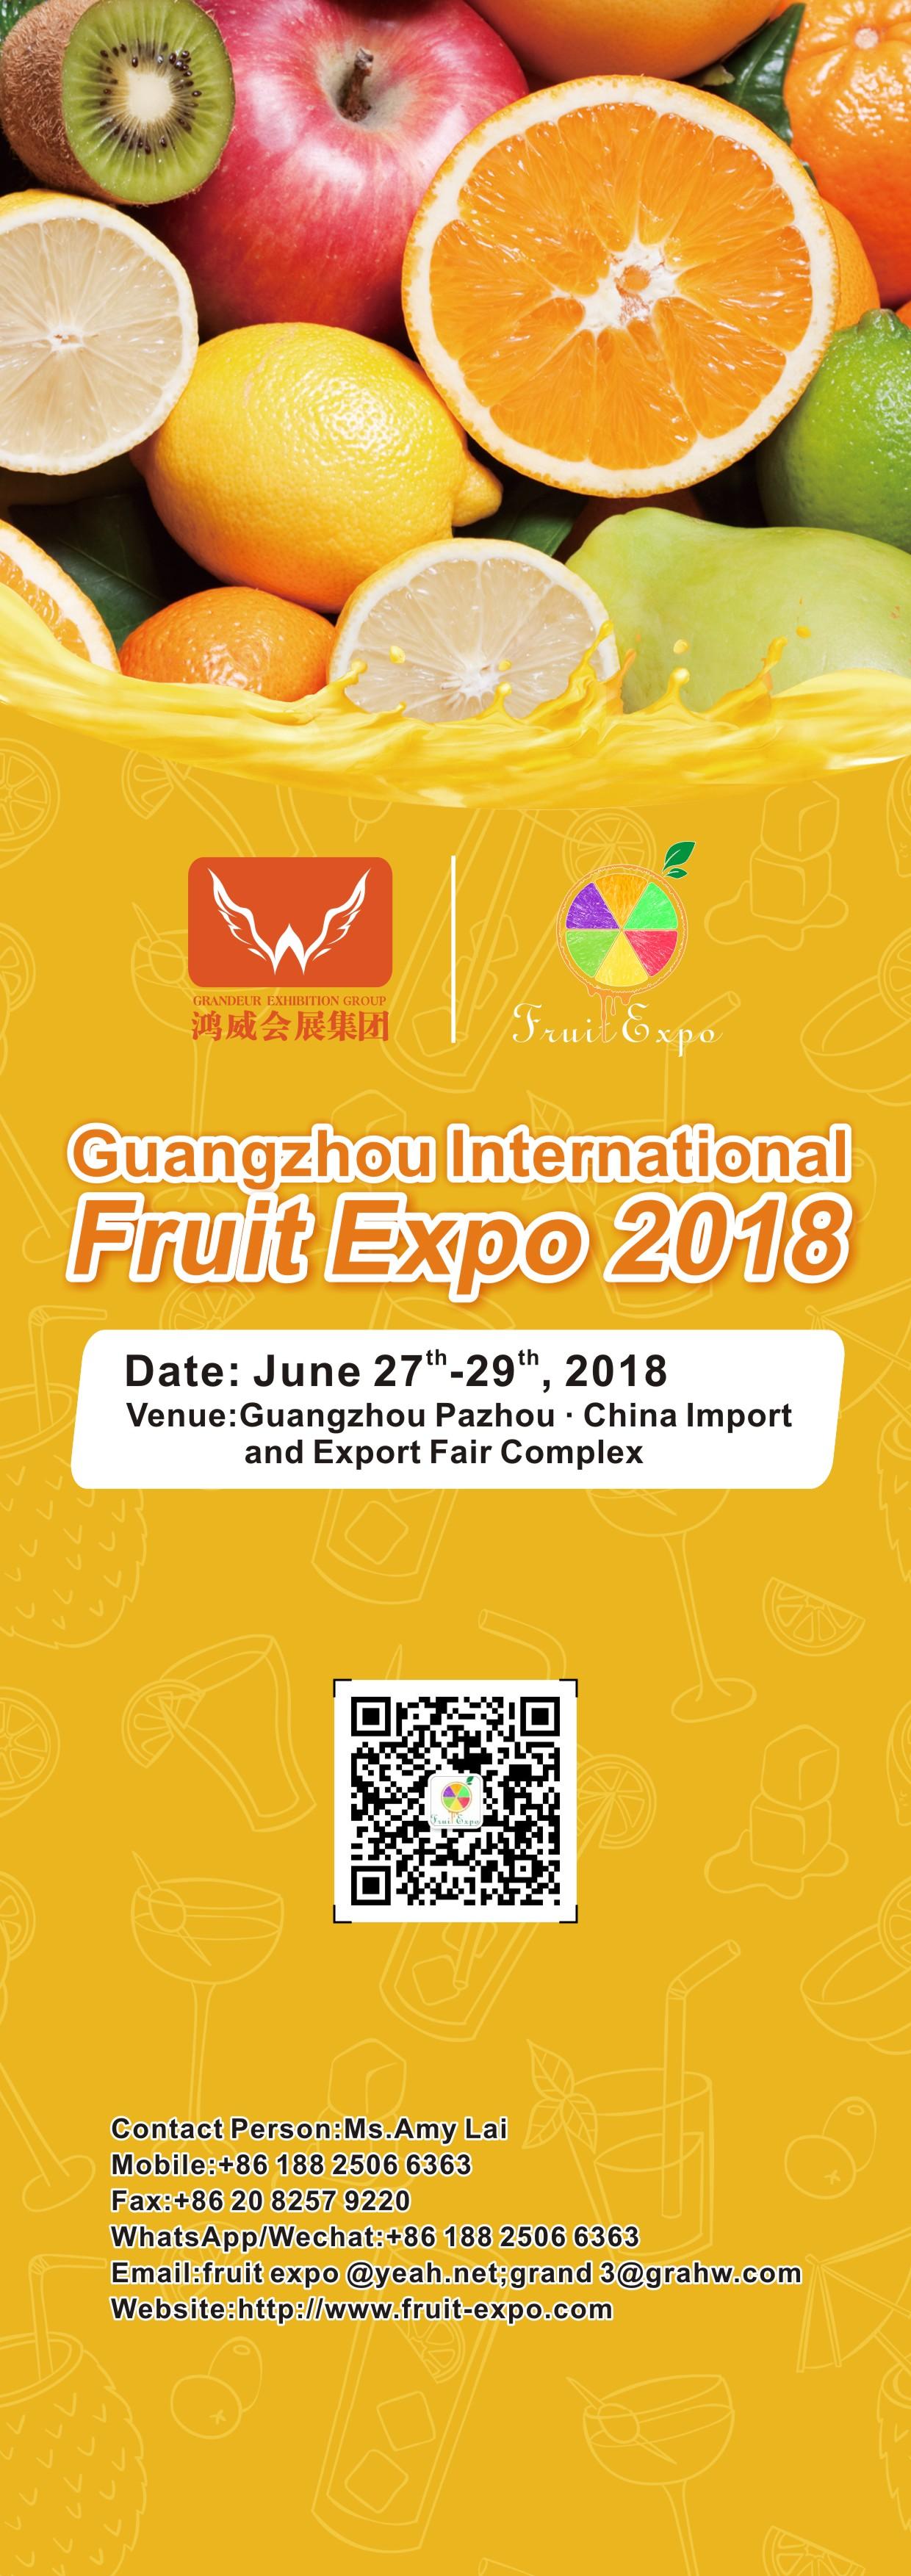 GuangzhouInternationalFruitExpo2018(FruitExpo2018)